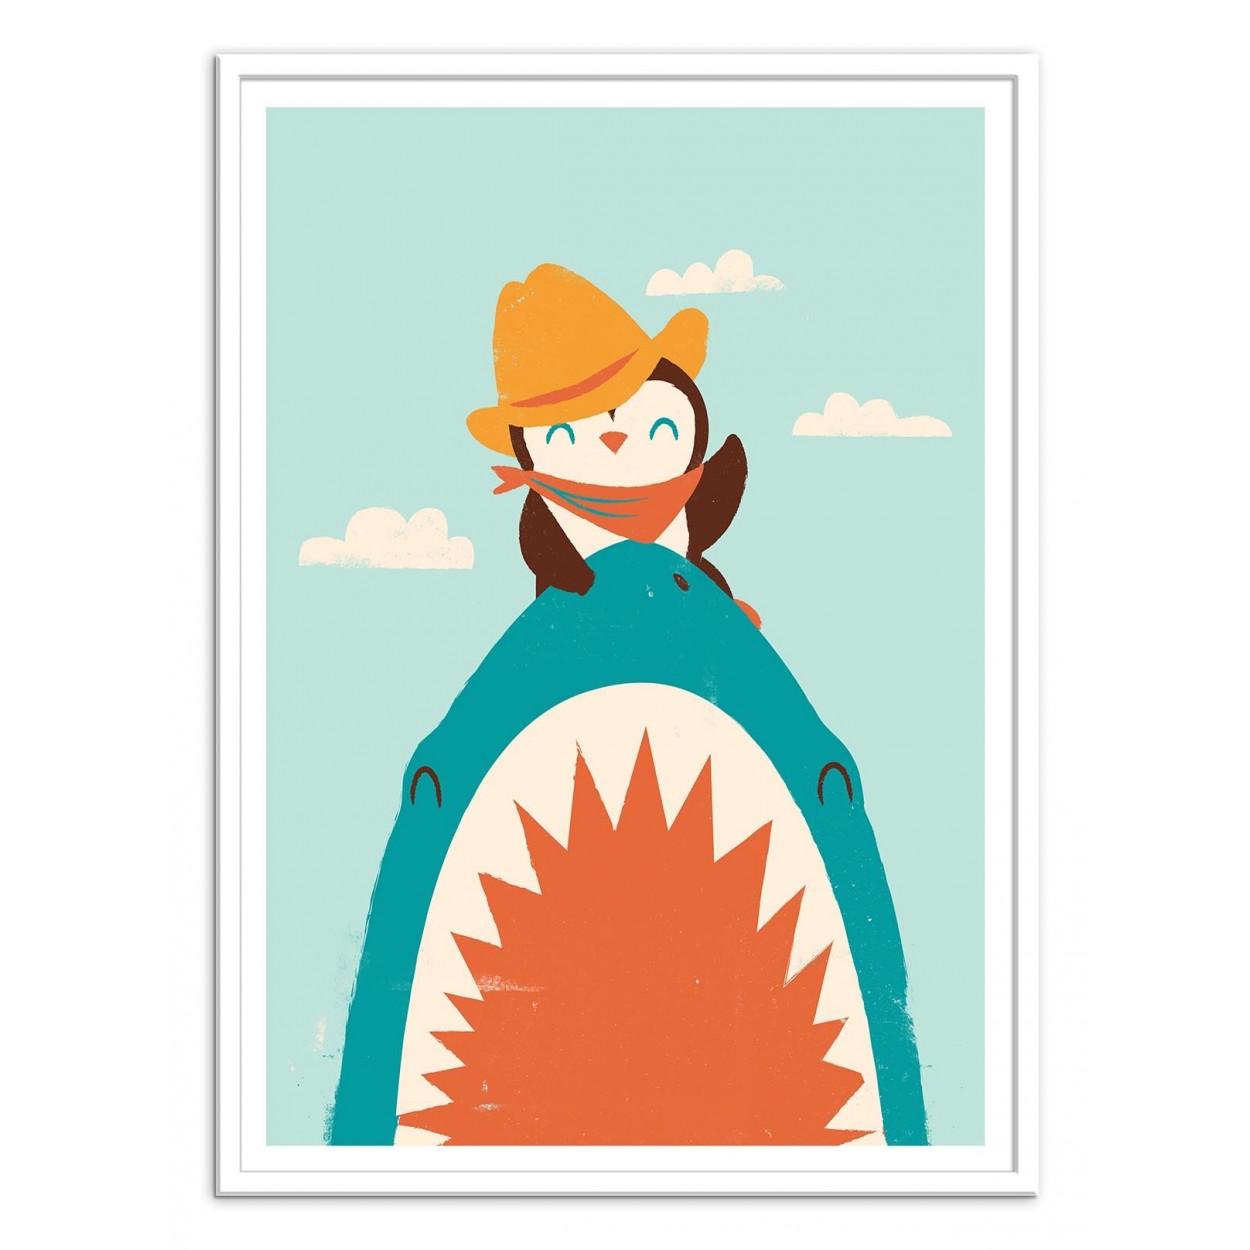 affiche art poster print frame jay fleck baby pinguin shark jaws kid child illustration digital. Black Bedroom Furniture Sets. Home Design Ideas